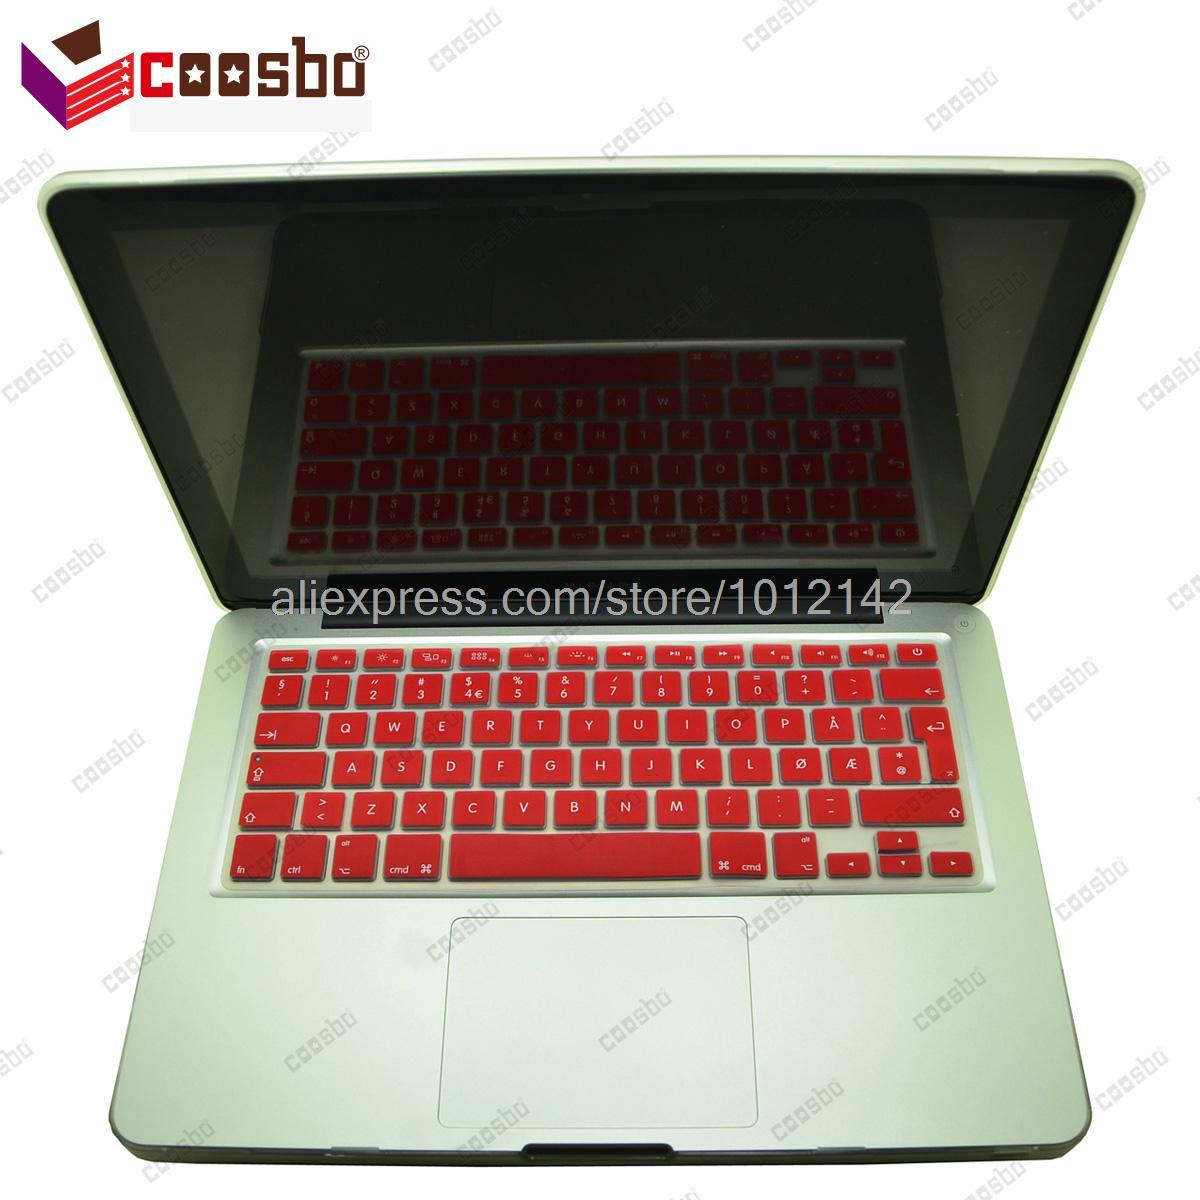 50 pcs gros norvège norvégien couleurs Silicone couvercle du clavier protecteur de la peau pour 13 15 17 polegada Mac Macbook Air Pro Retina G6